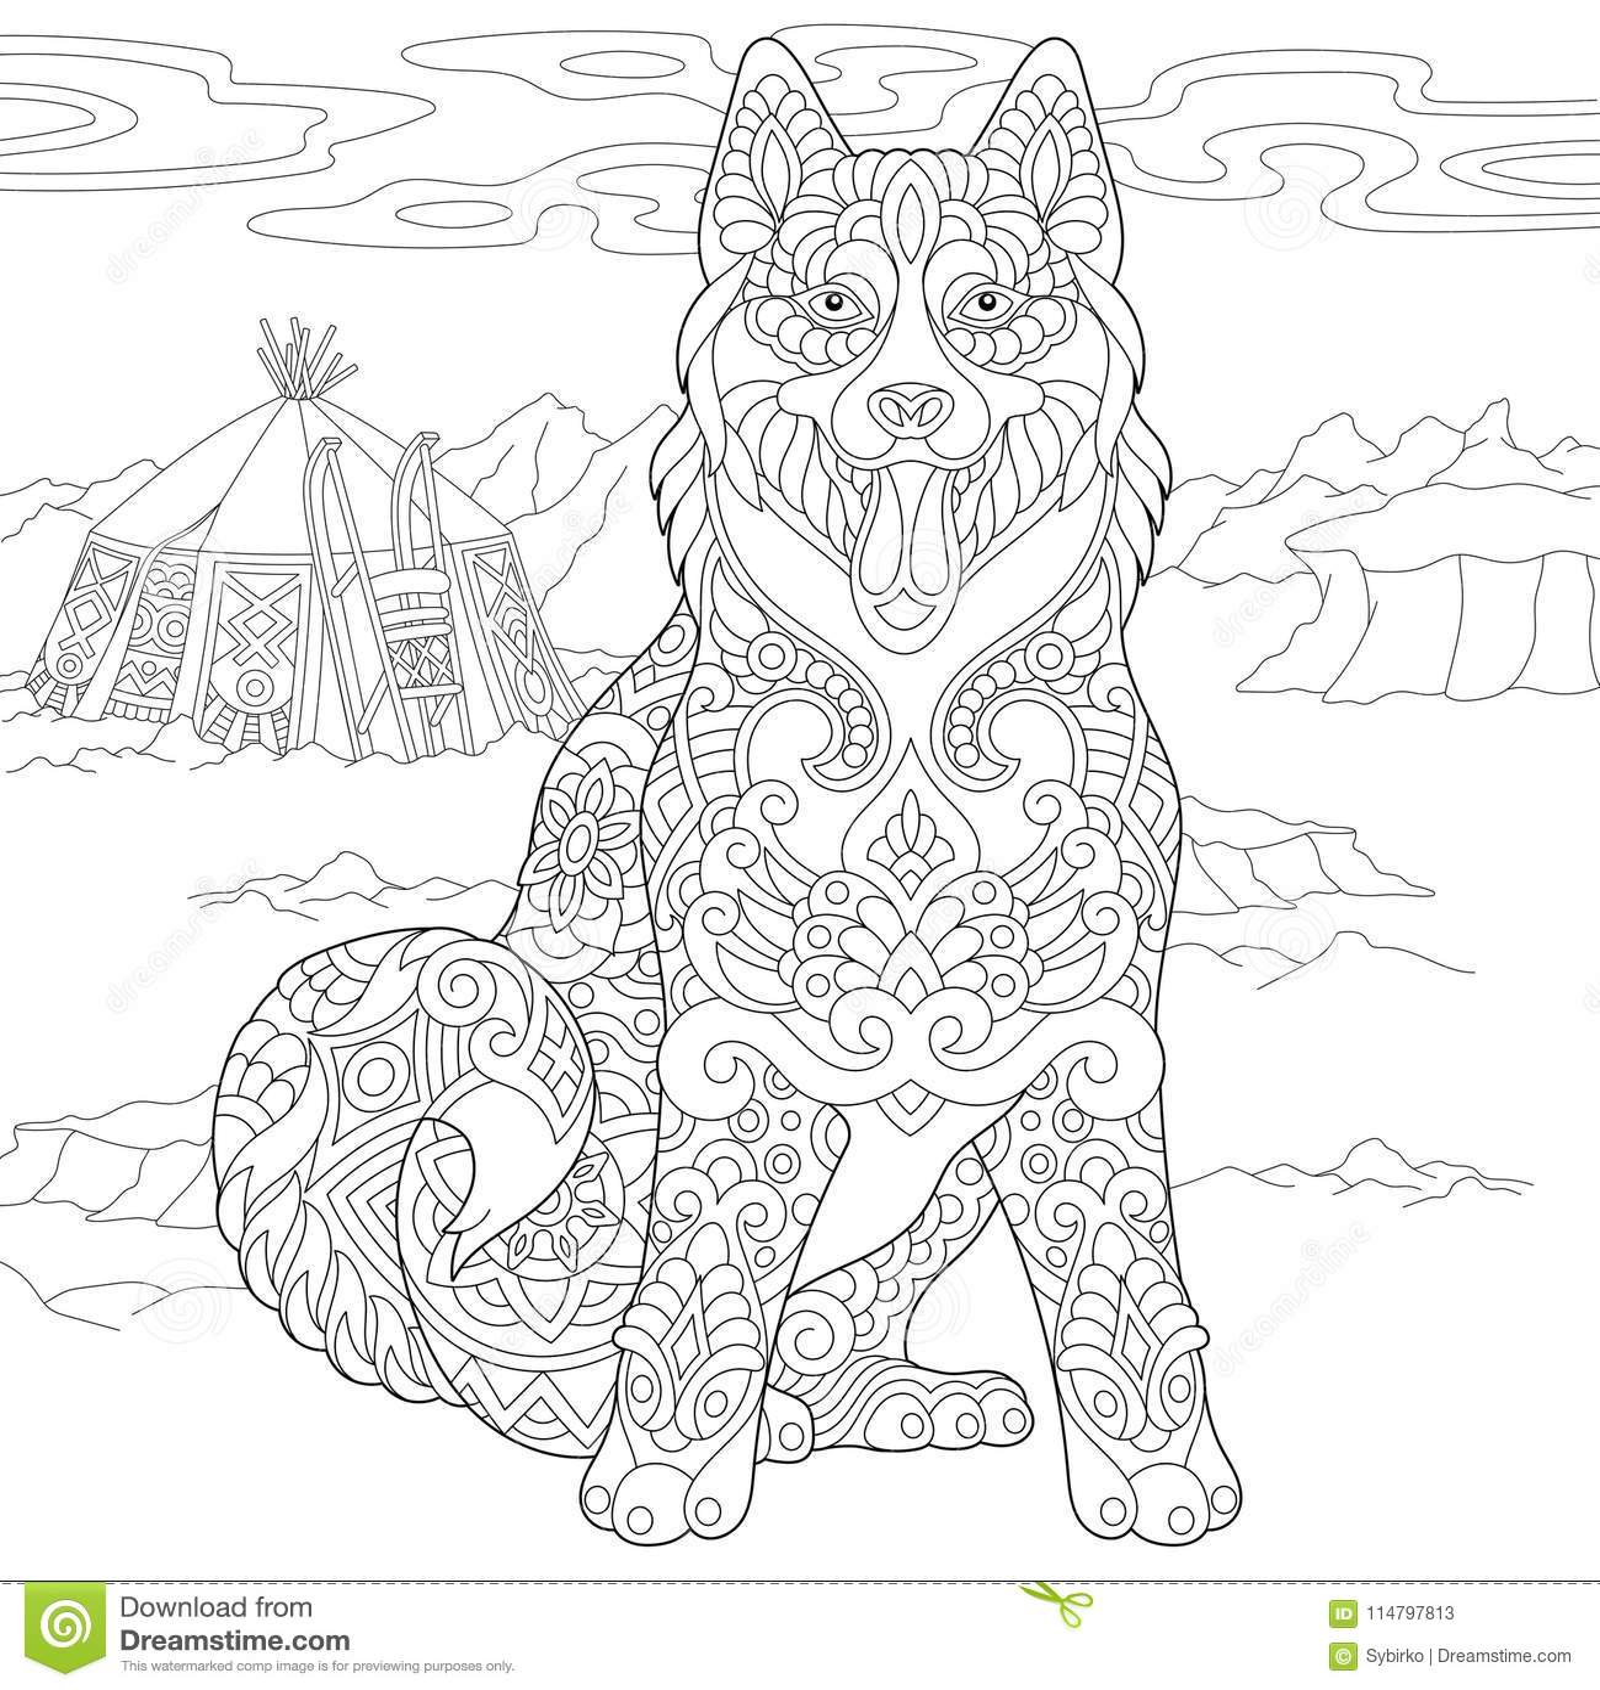 Zentangle Siberian Husky Dog Stock Vector Illustration Of Freehand